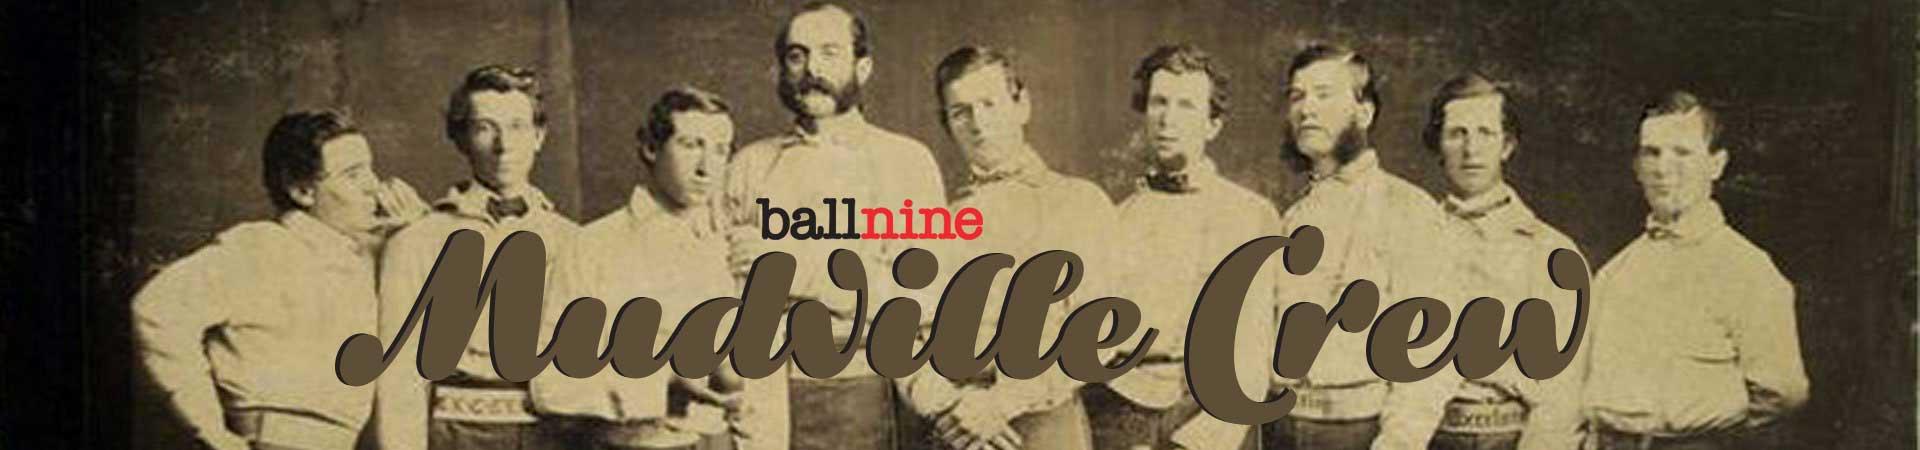 Mudville Crew